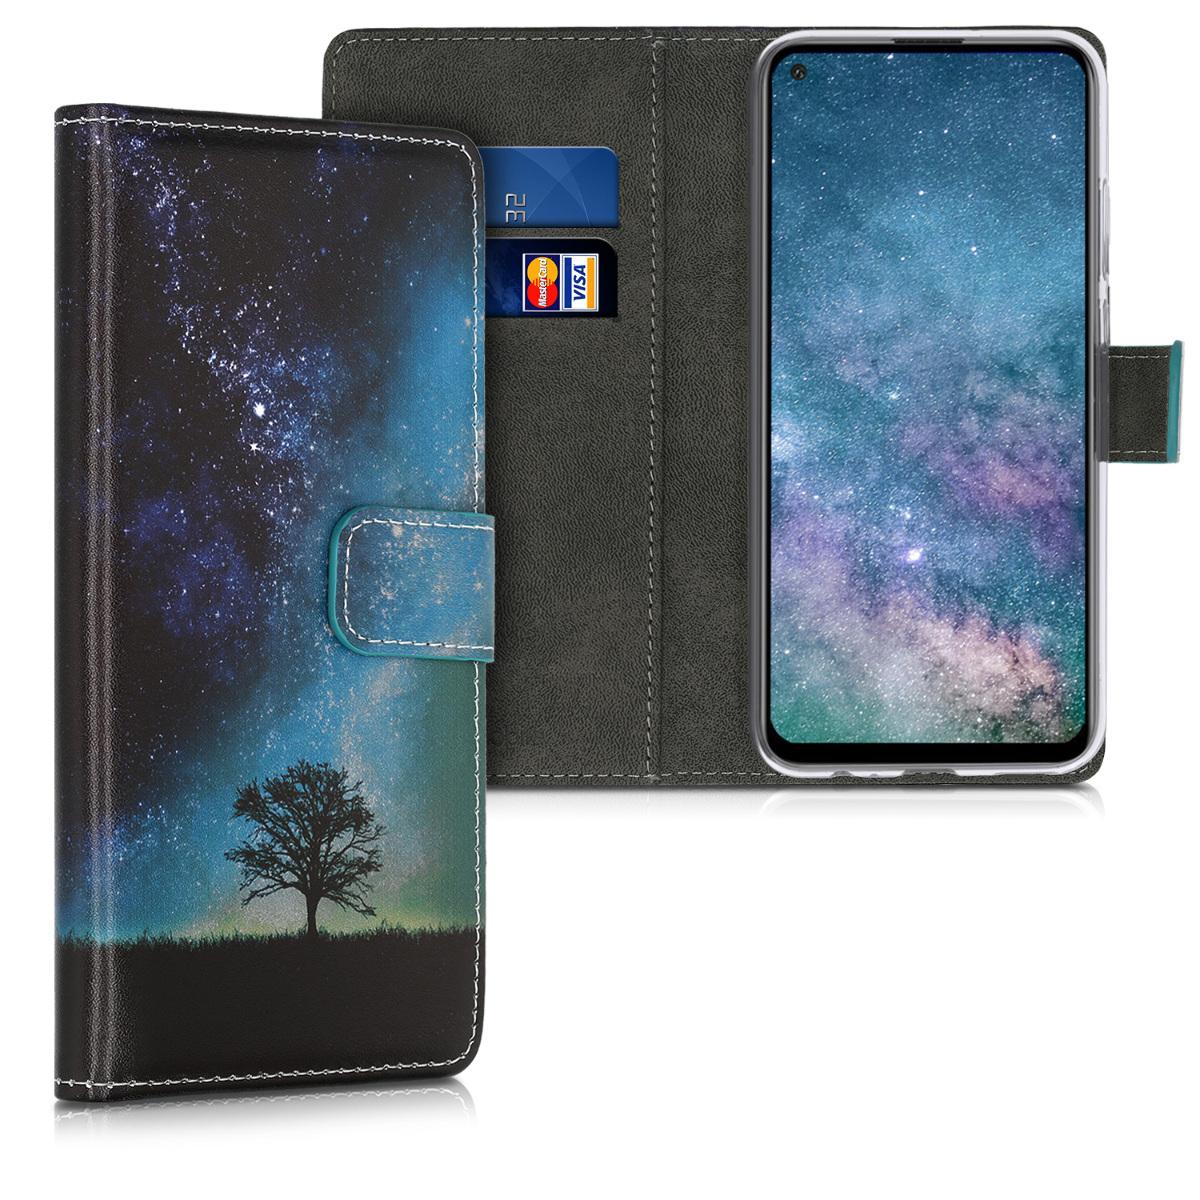 Modré kožené pouzdro / obal peněženka s vesmírnou oblohou pro Huawei P40 Lite E